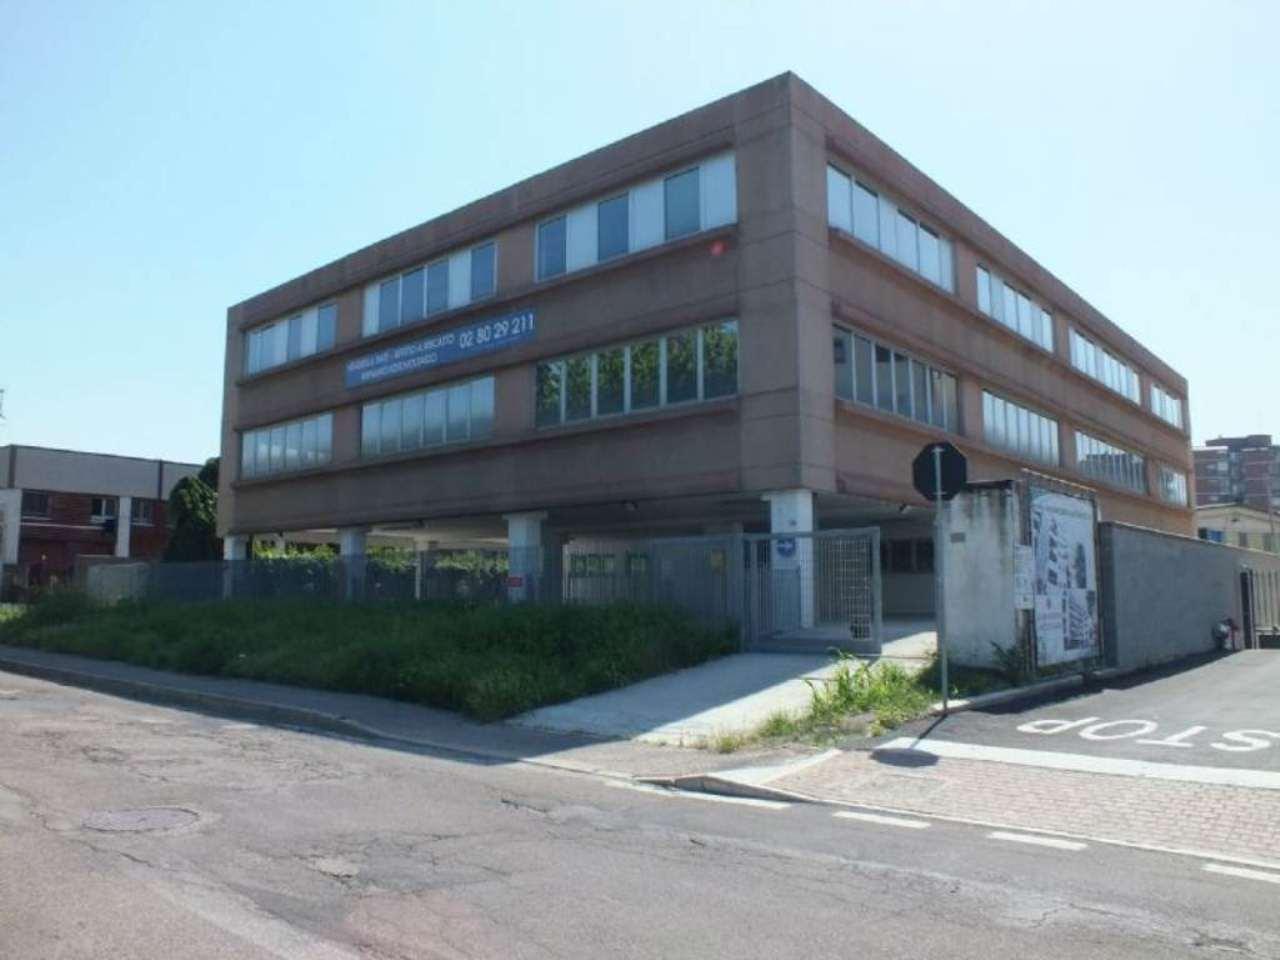 Ufficio / Studio in vendita a Trezzano sul Naviglio, 8 locali, prezzo € 550.000 | Cambio Casa.it